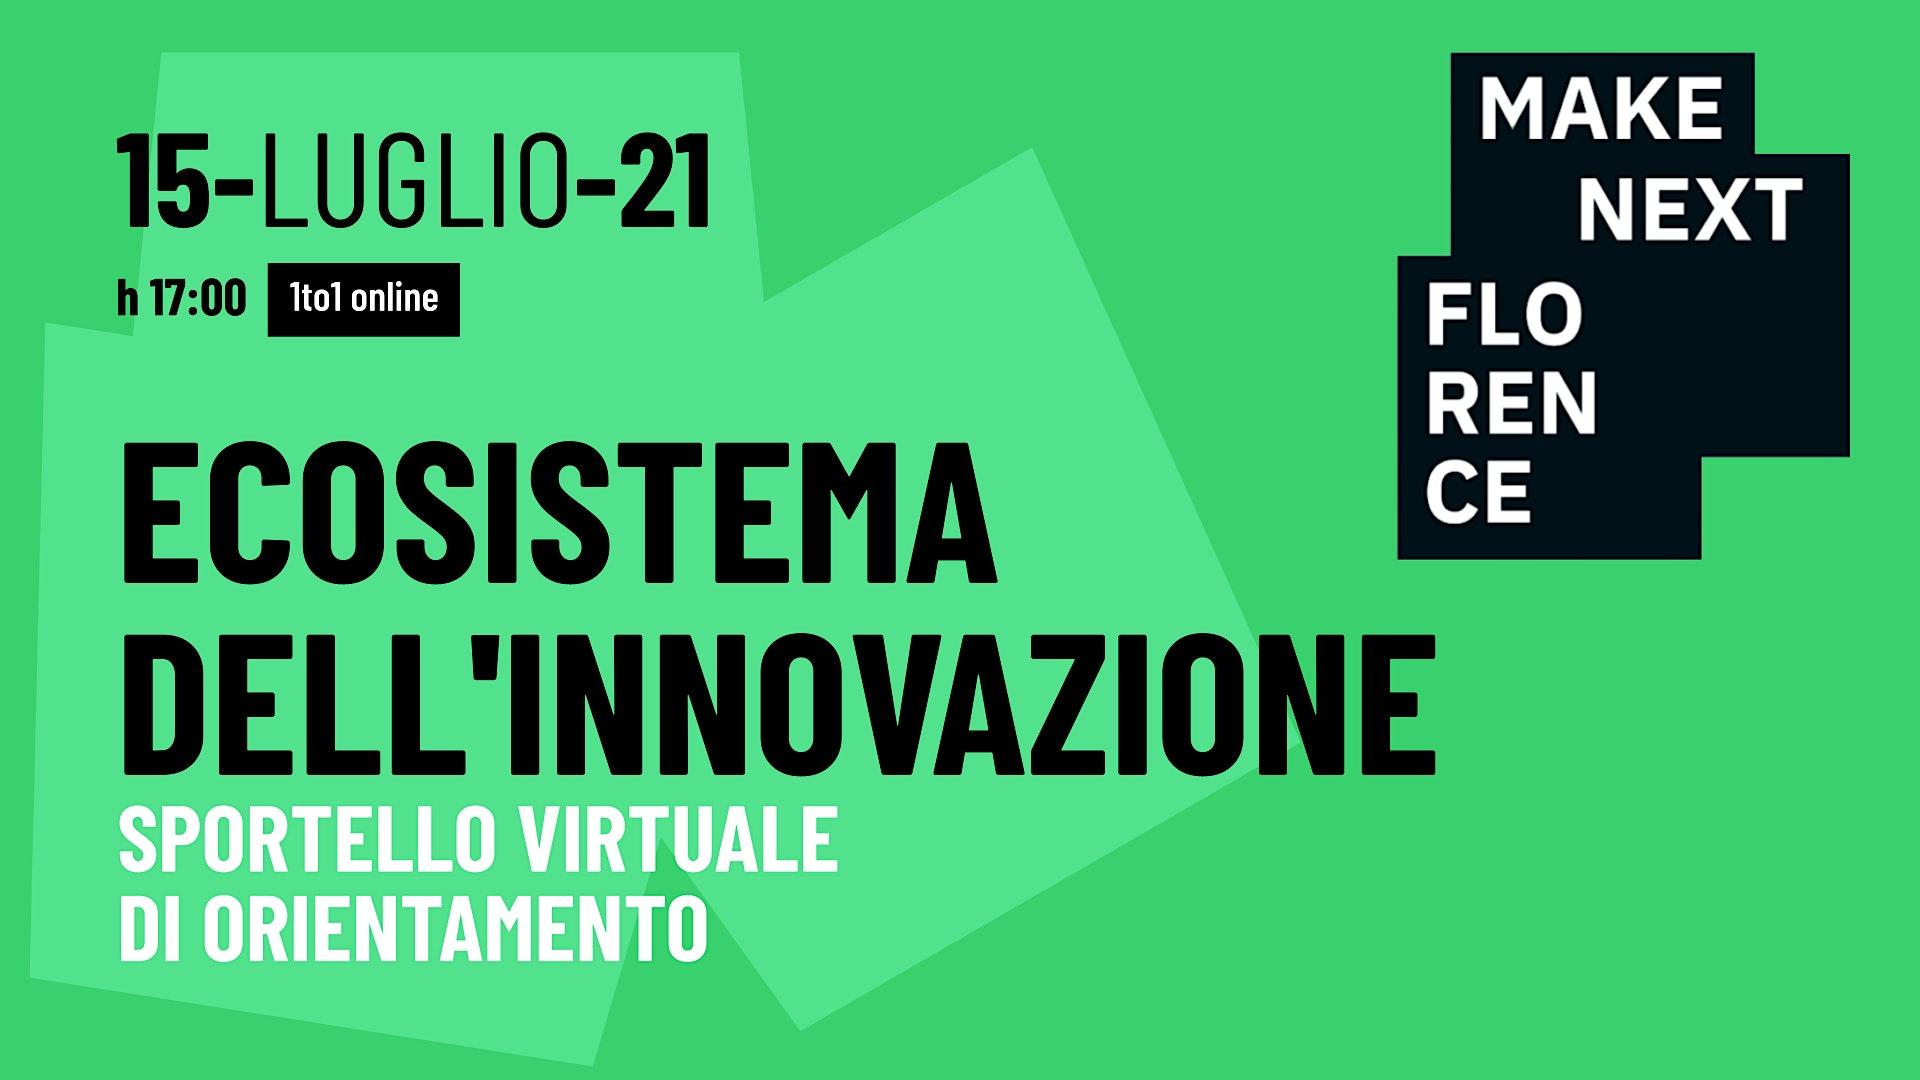 Ecosistema dell'Innovazione: Sportello virtuale di orientamento